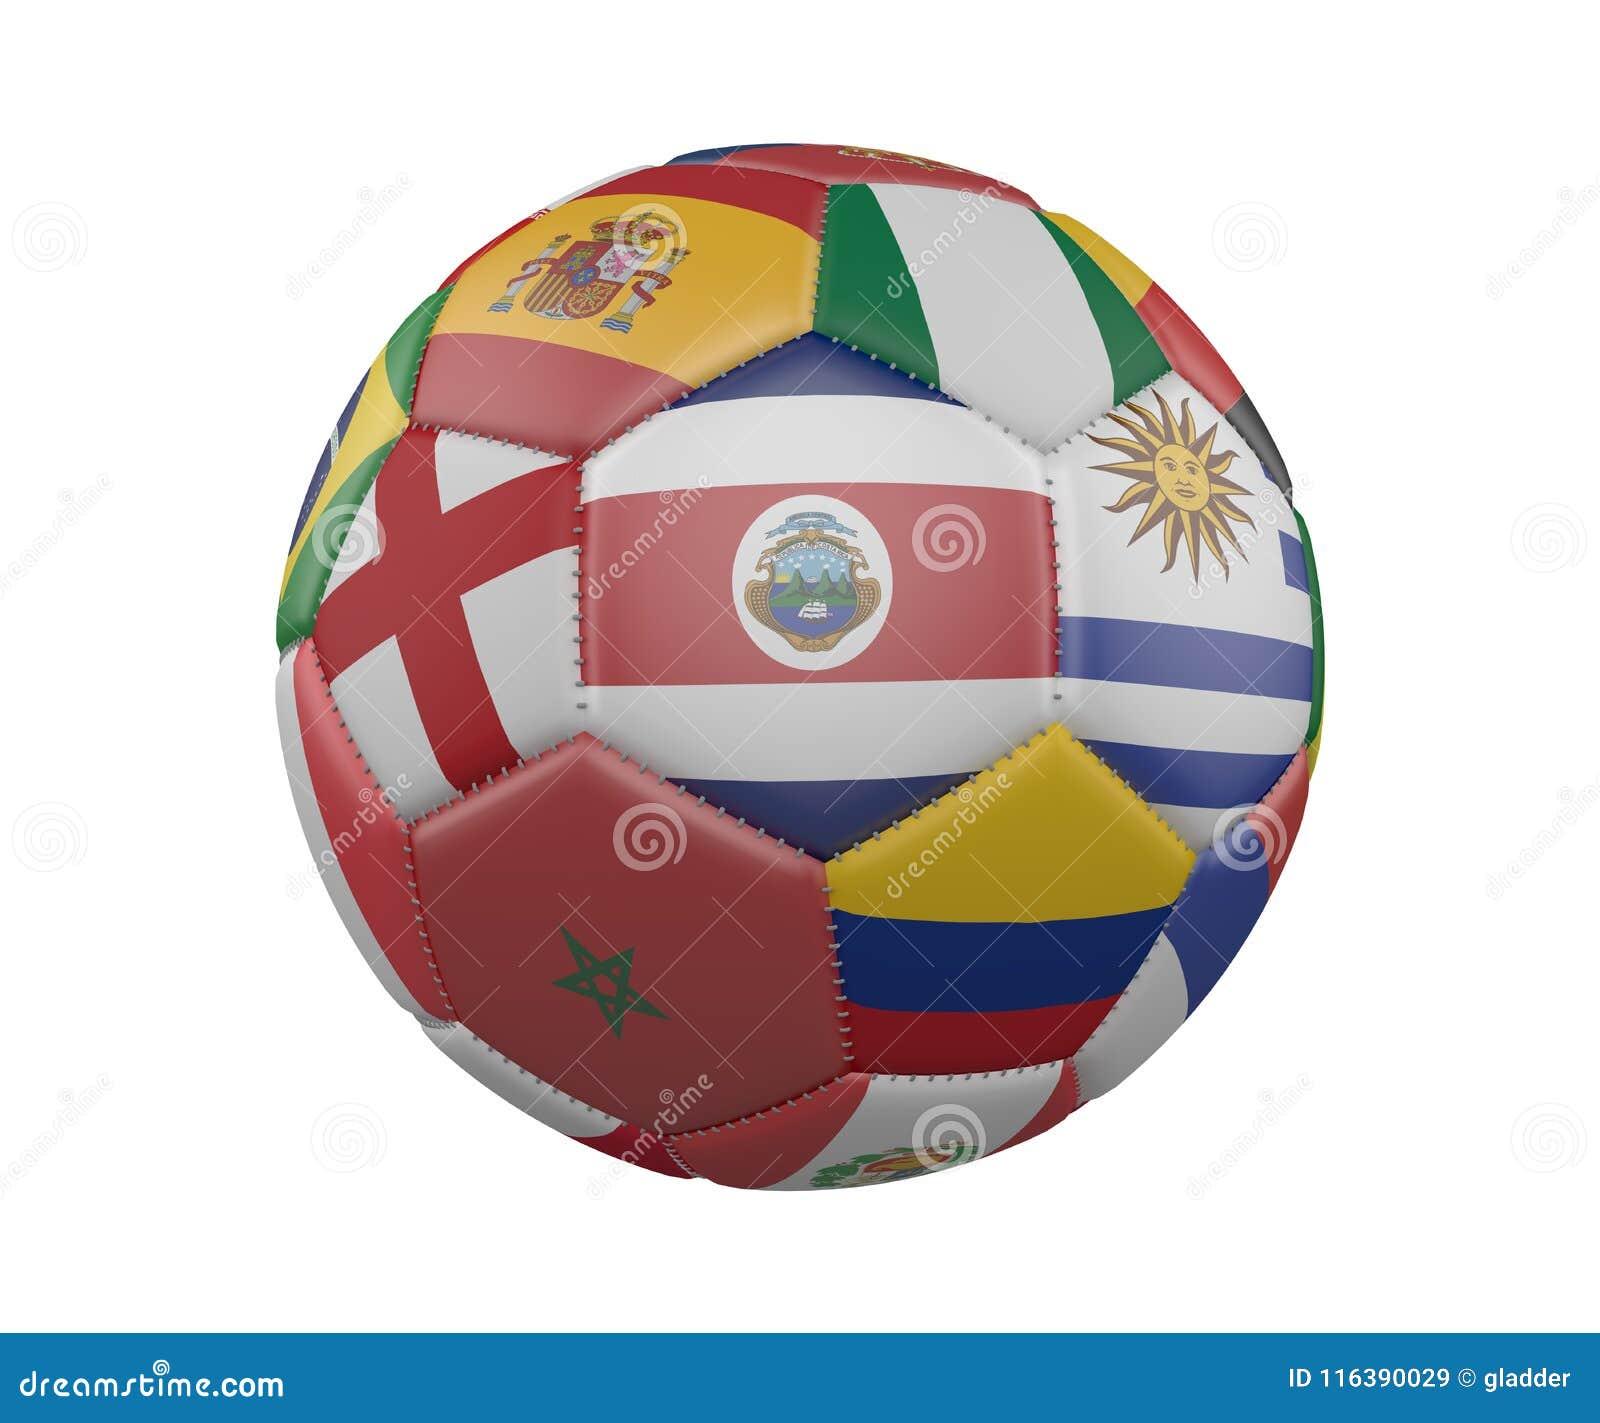 与在白色背景隔绝的旗子的足球,哥斯达黎加在中心, 3d翻译